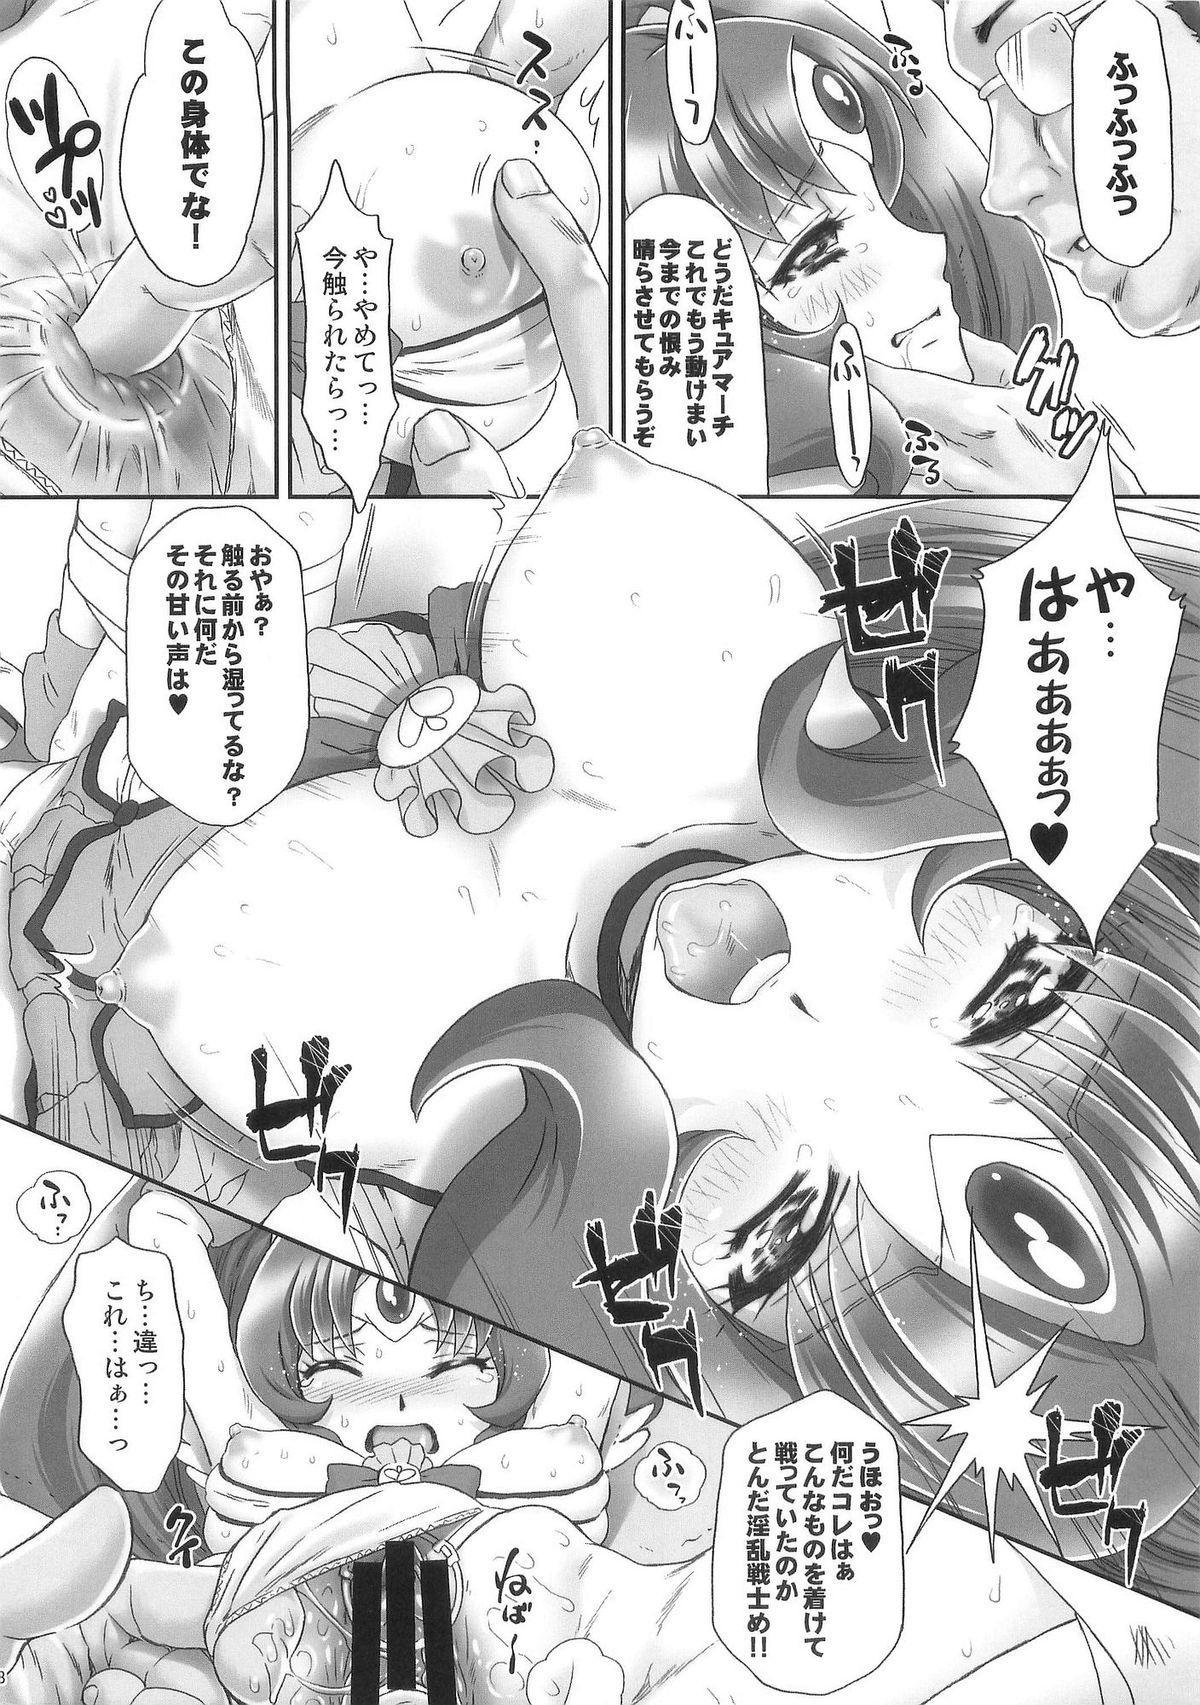 Nao-chan de Asobou 3 7